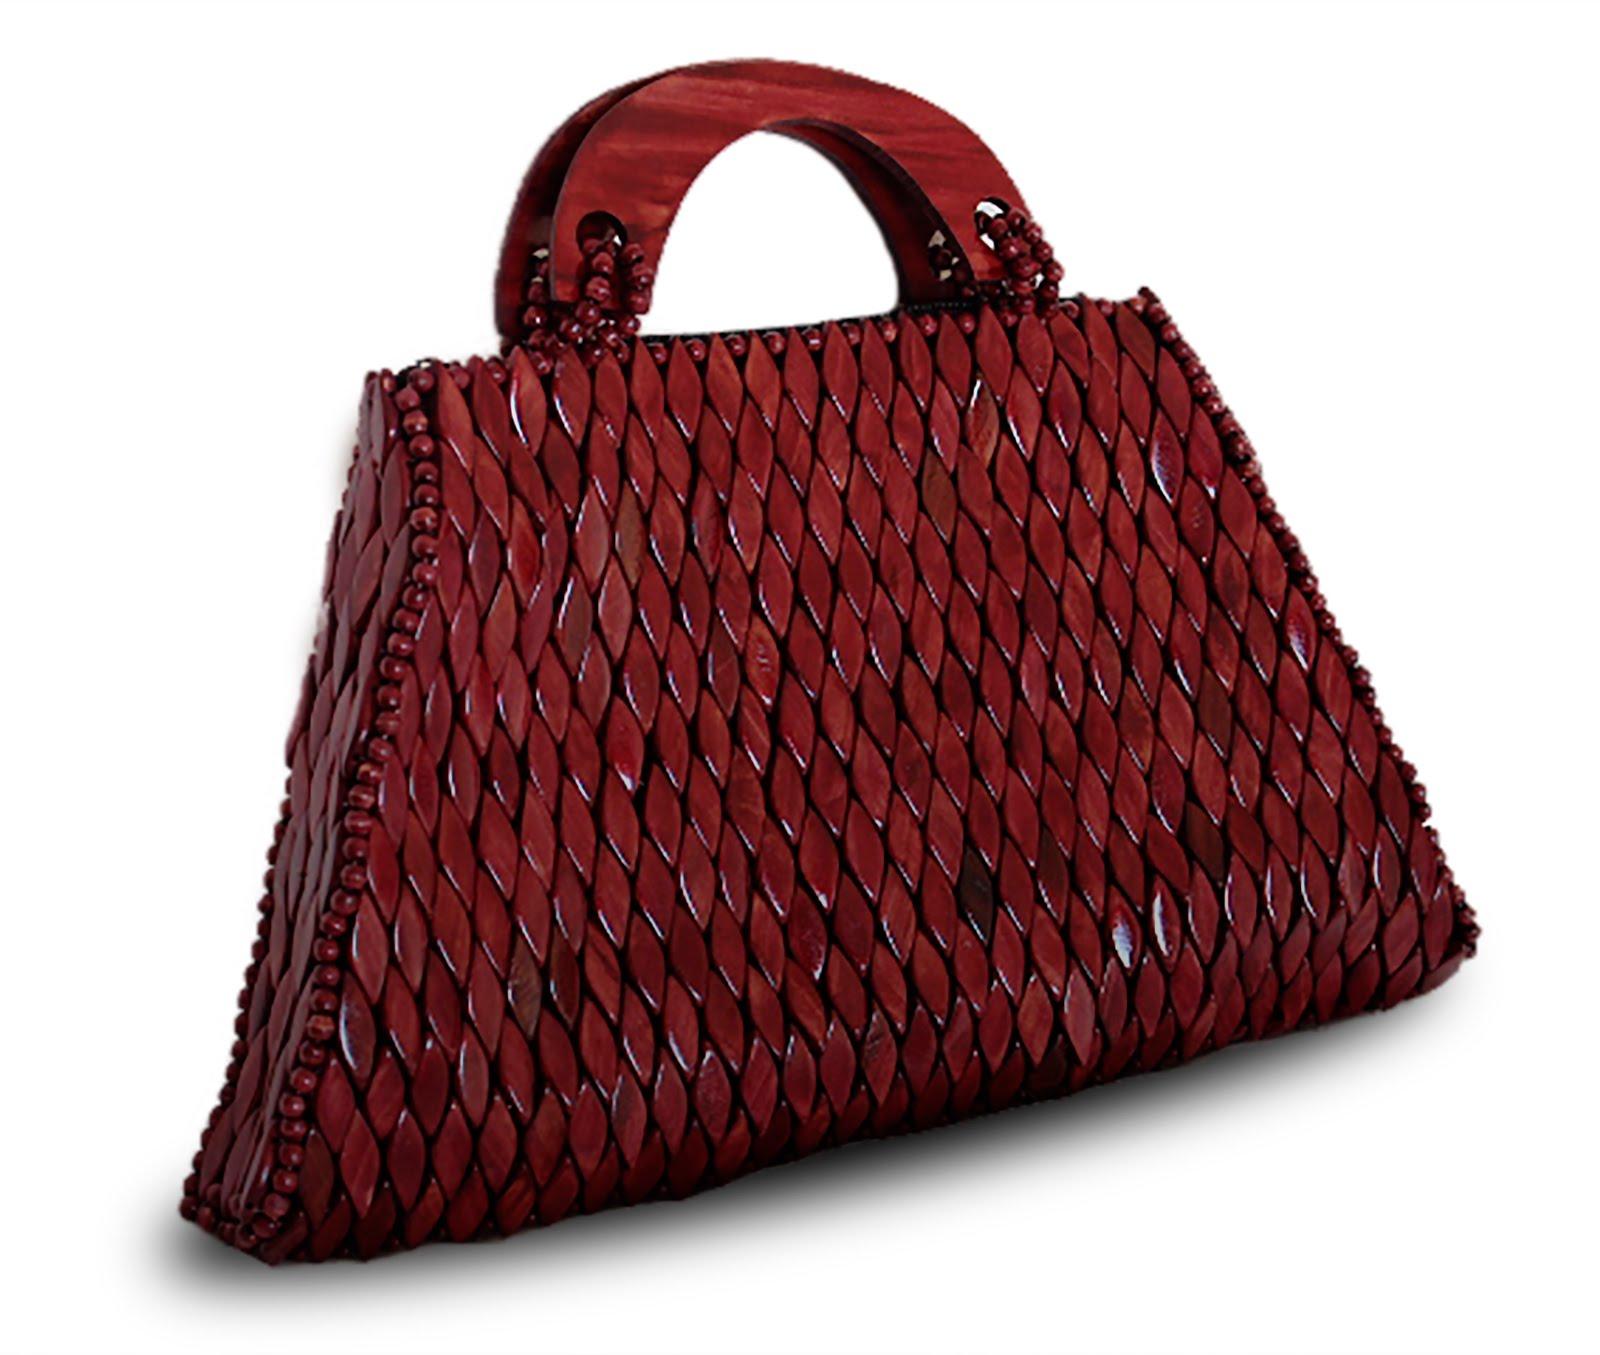 Wooden Hand Bags - Handtaschen aus Holz